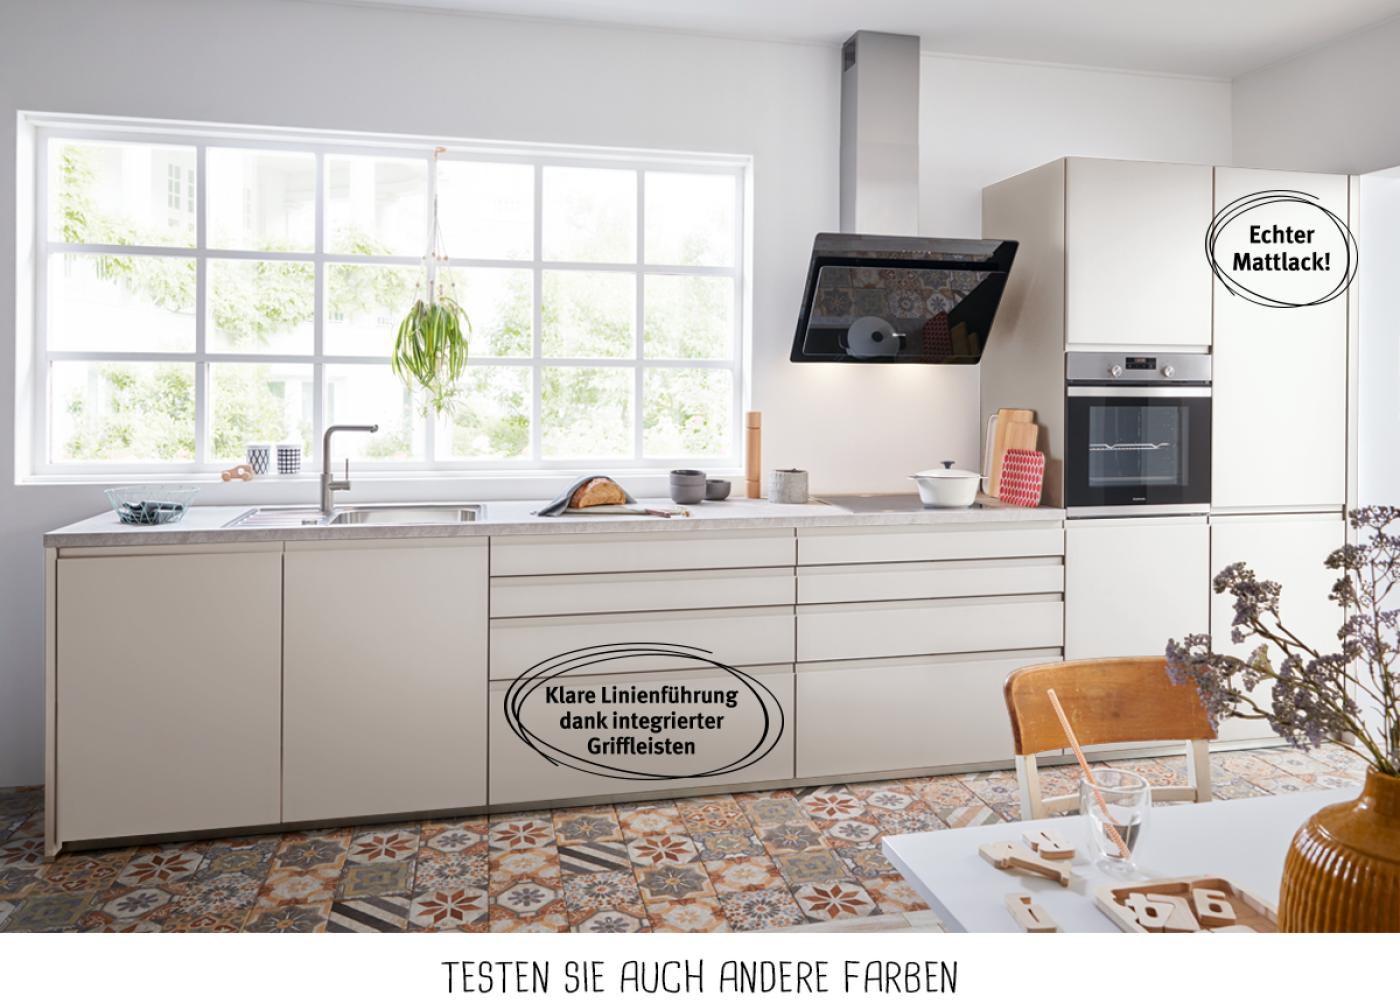 Design-Küchenzeile mit Fronten in Sandgrau und reduzierten Eingriffleisten.